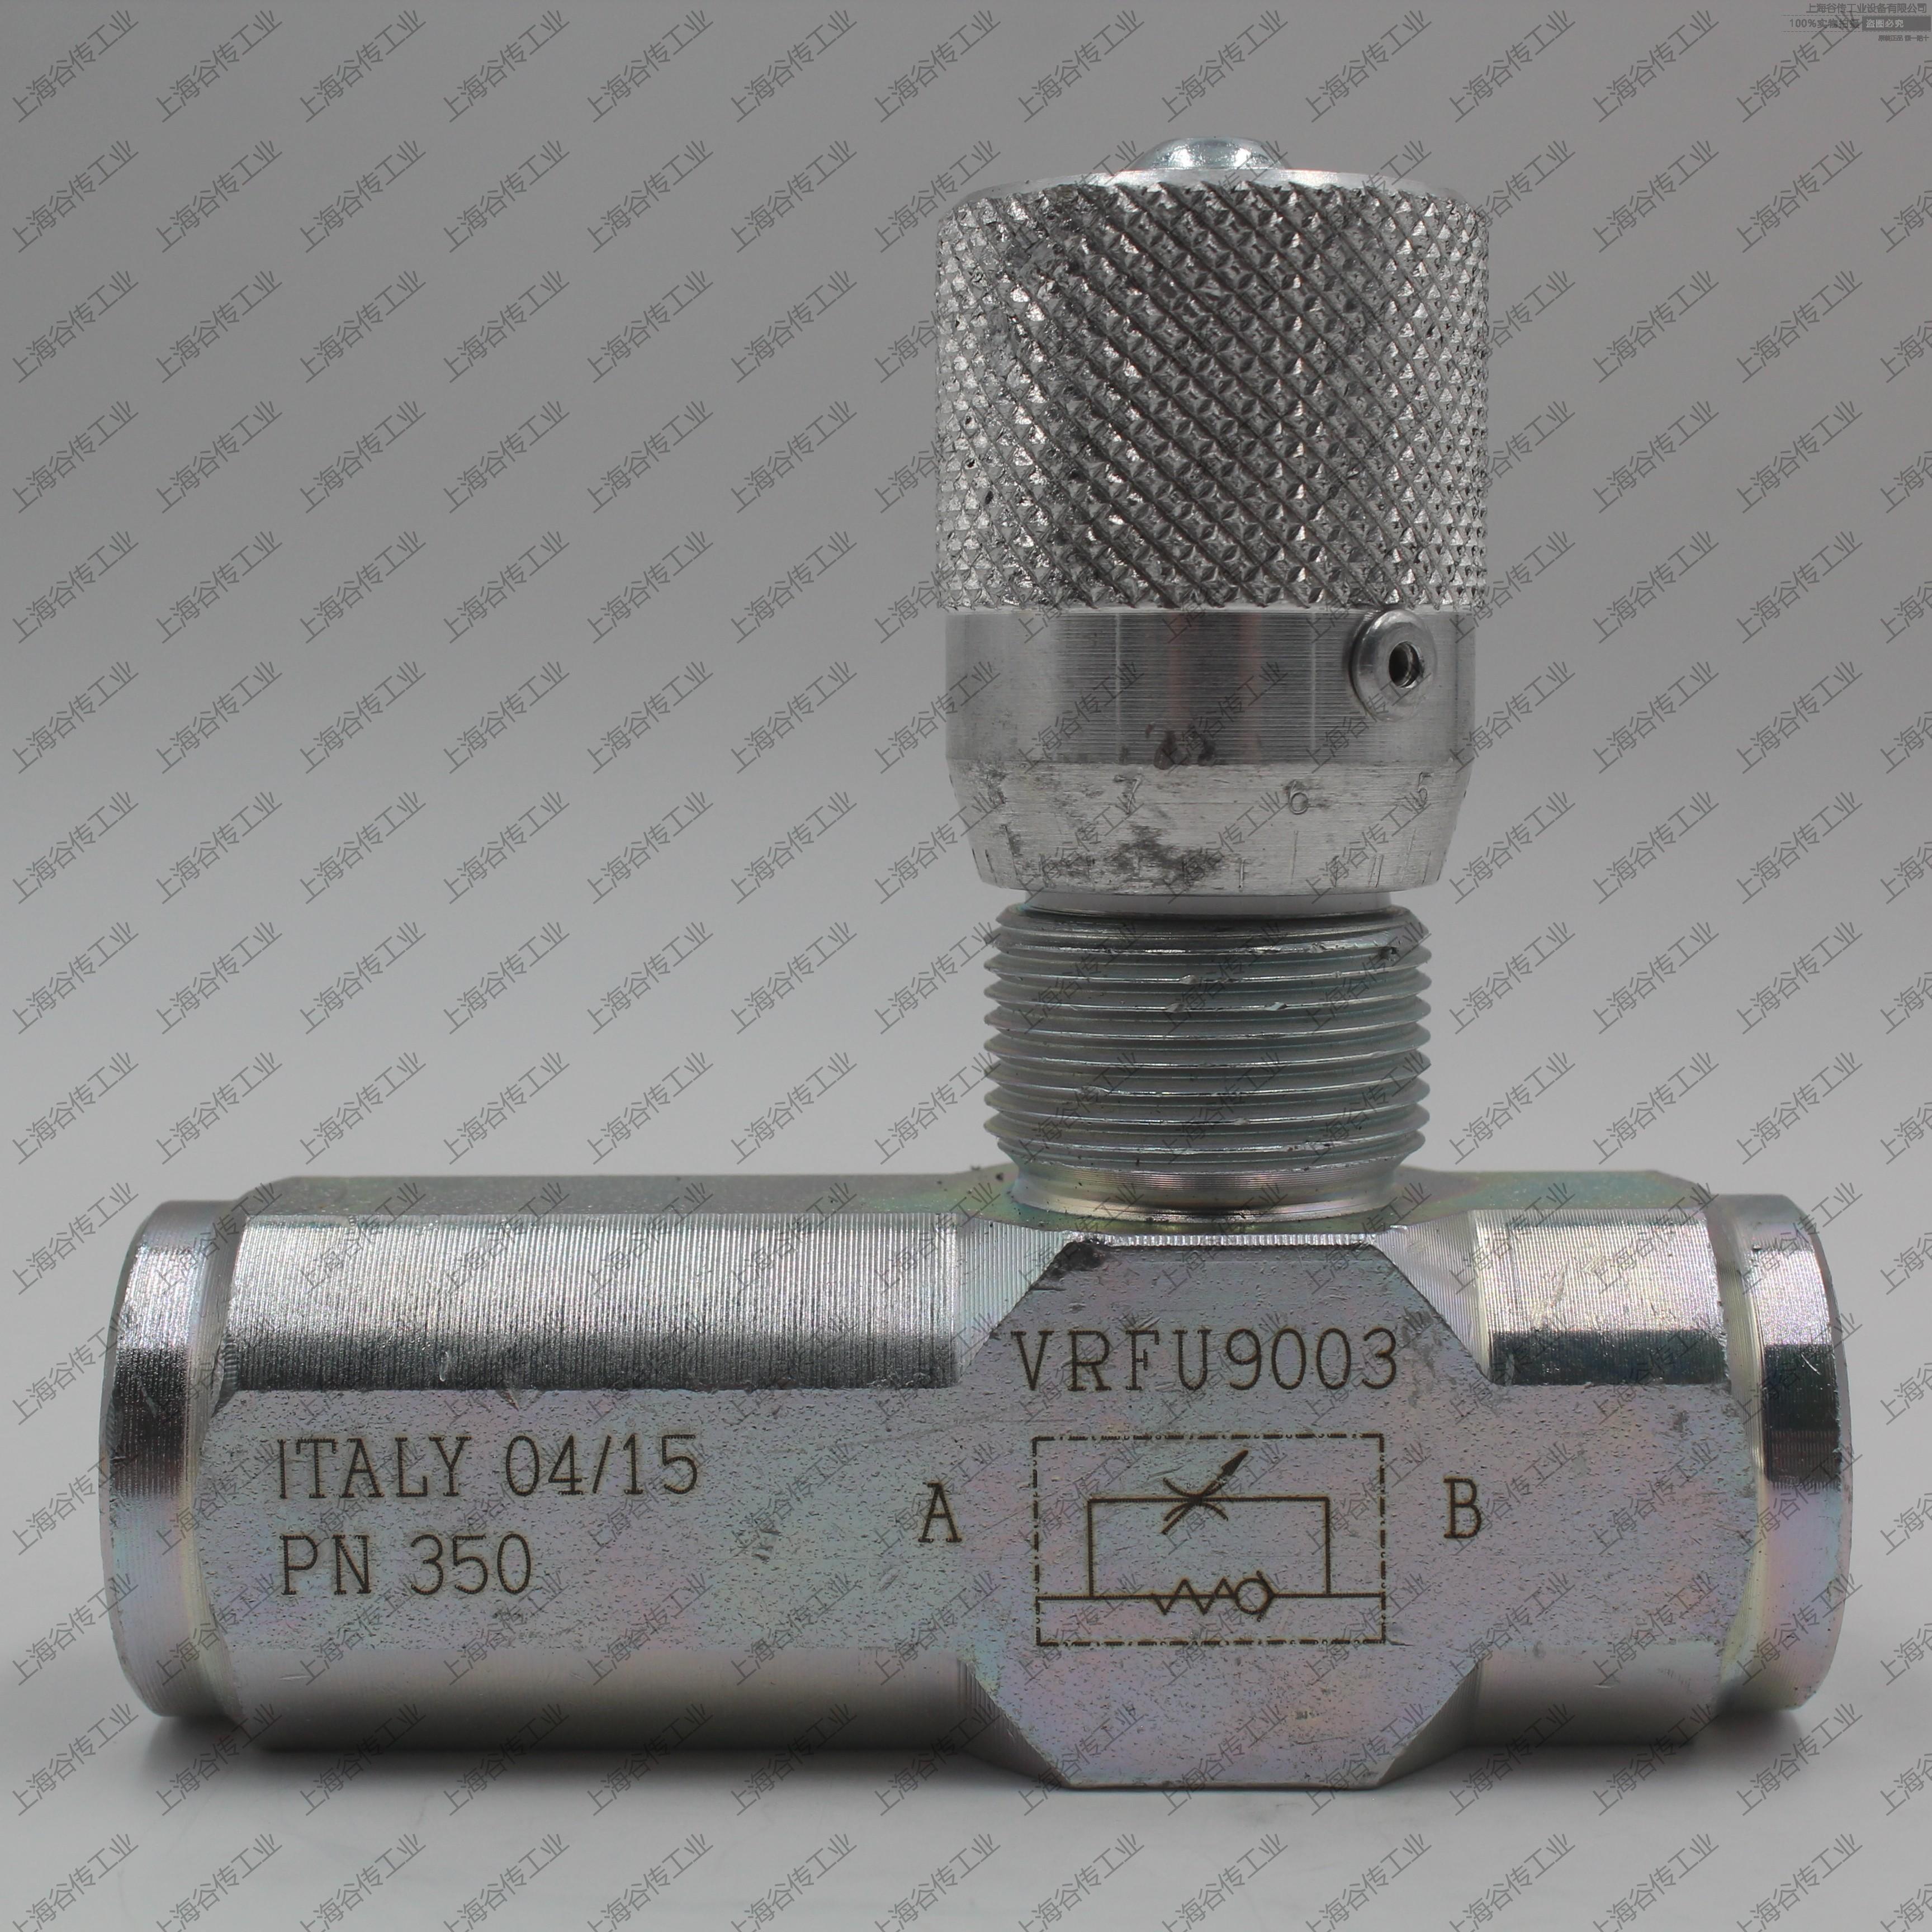 意大利MTC VRFU90 03 1/2